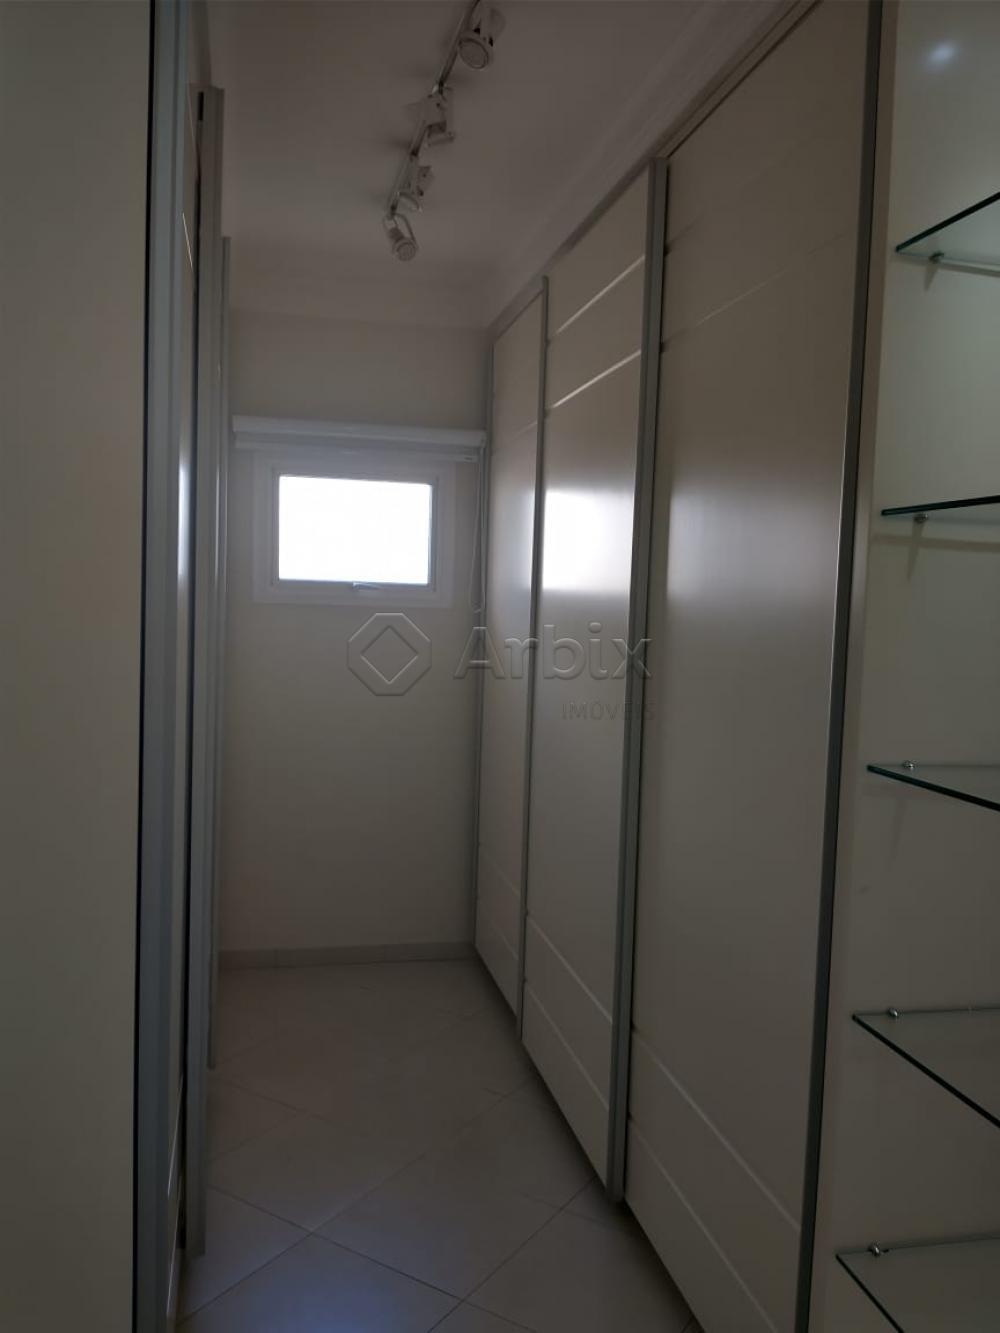 Comprar Casa / Condomínio em Americana R$ 1.700.000,00 - Foto 19